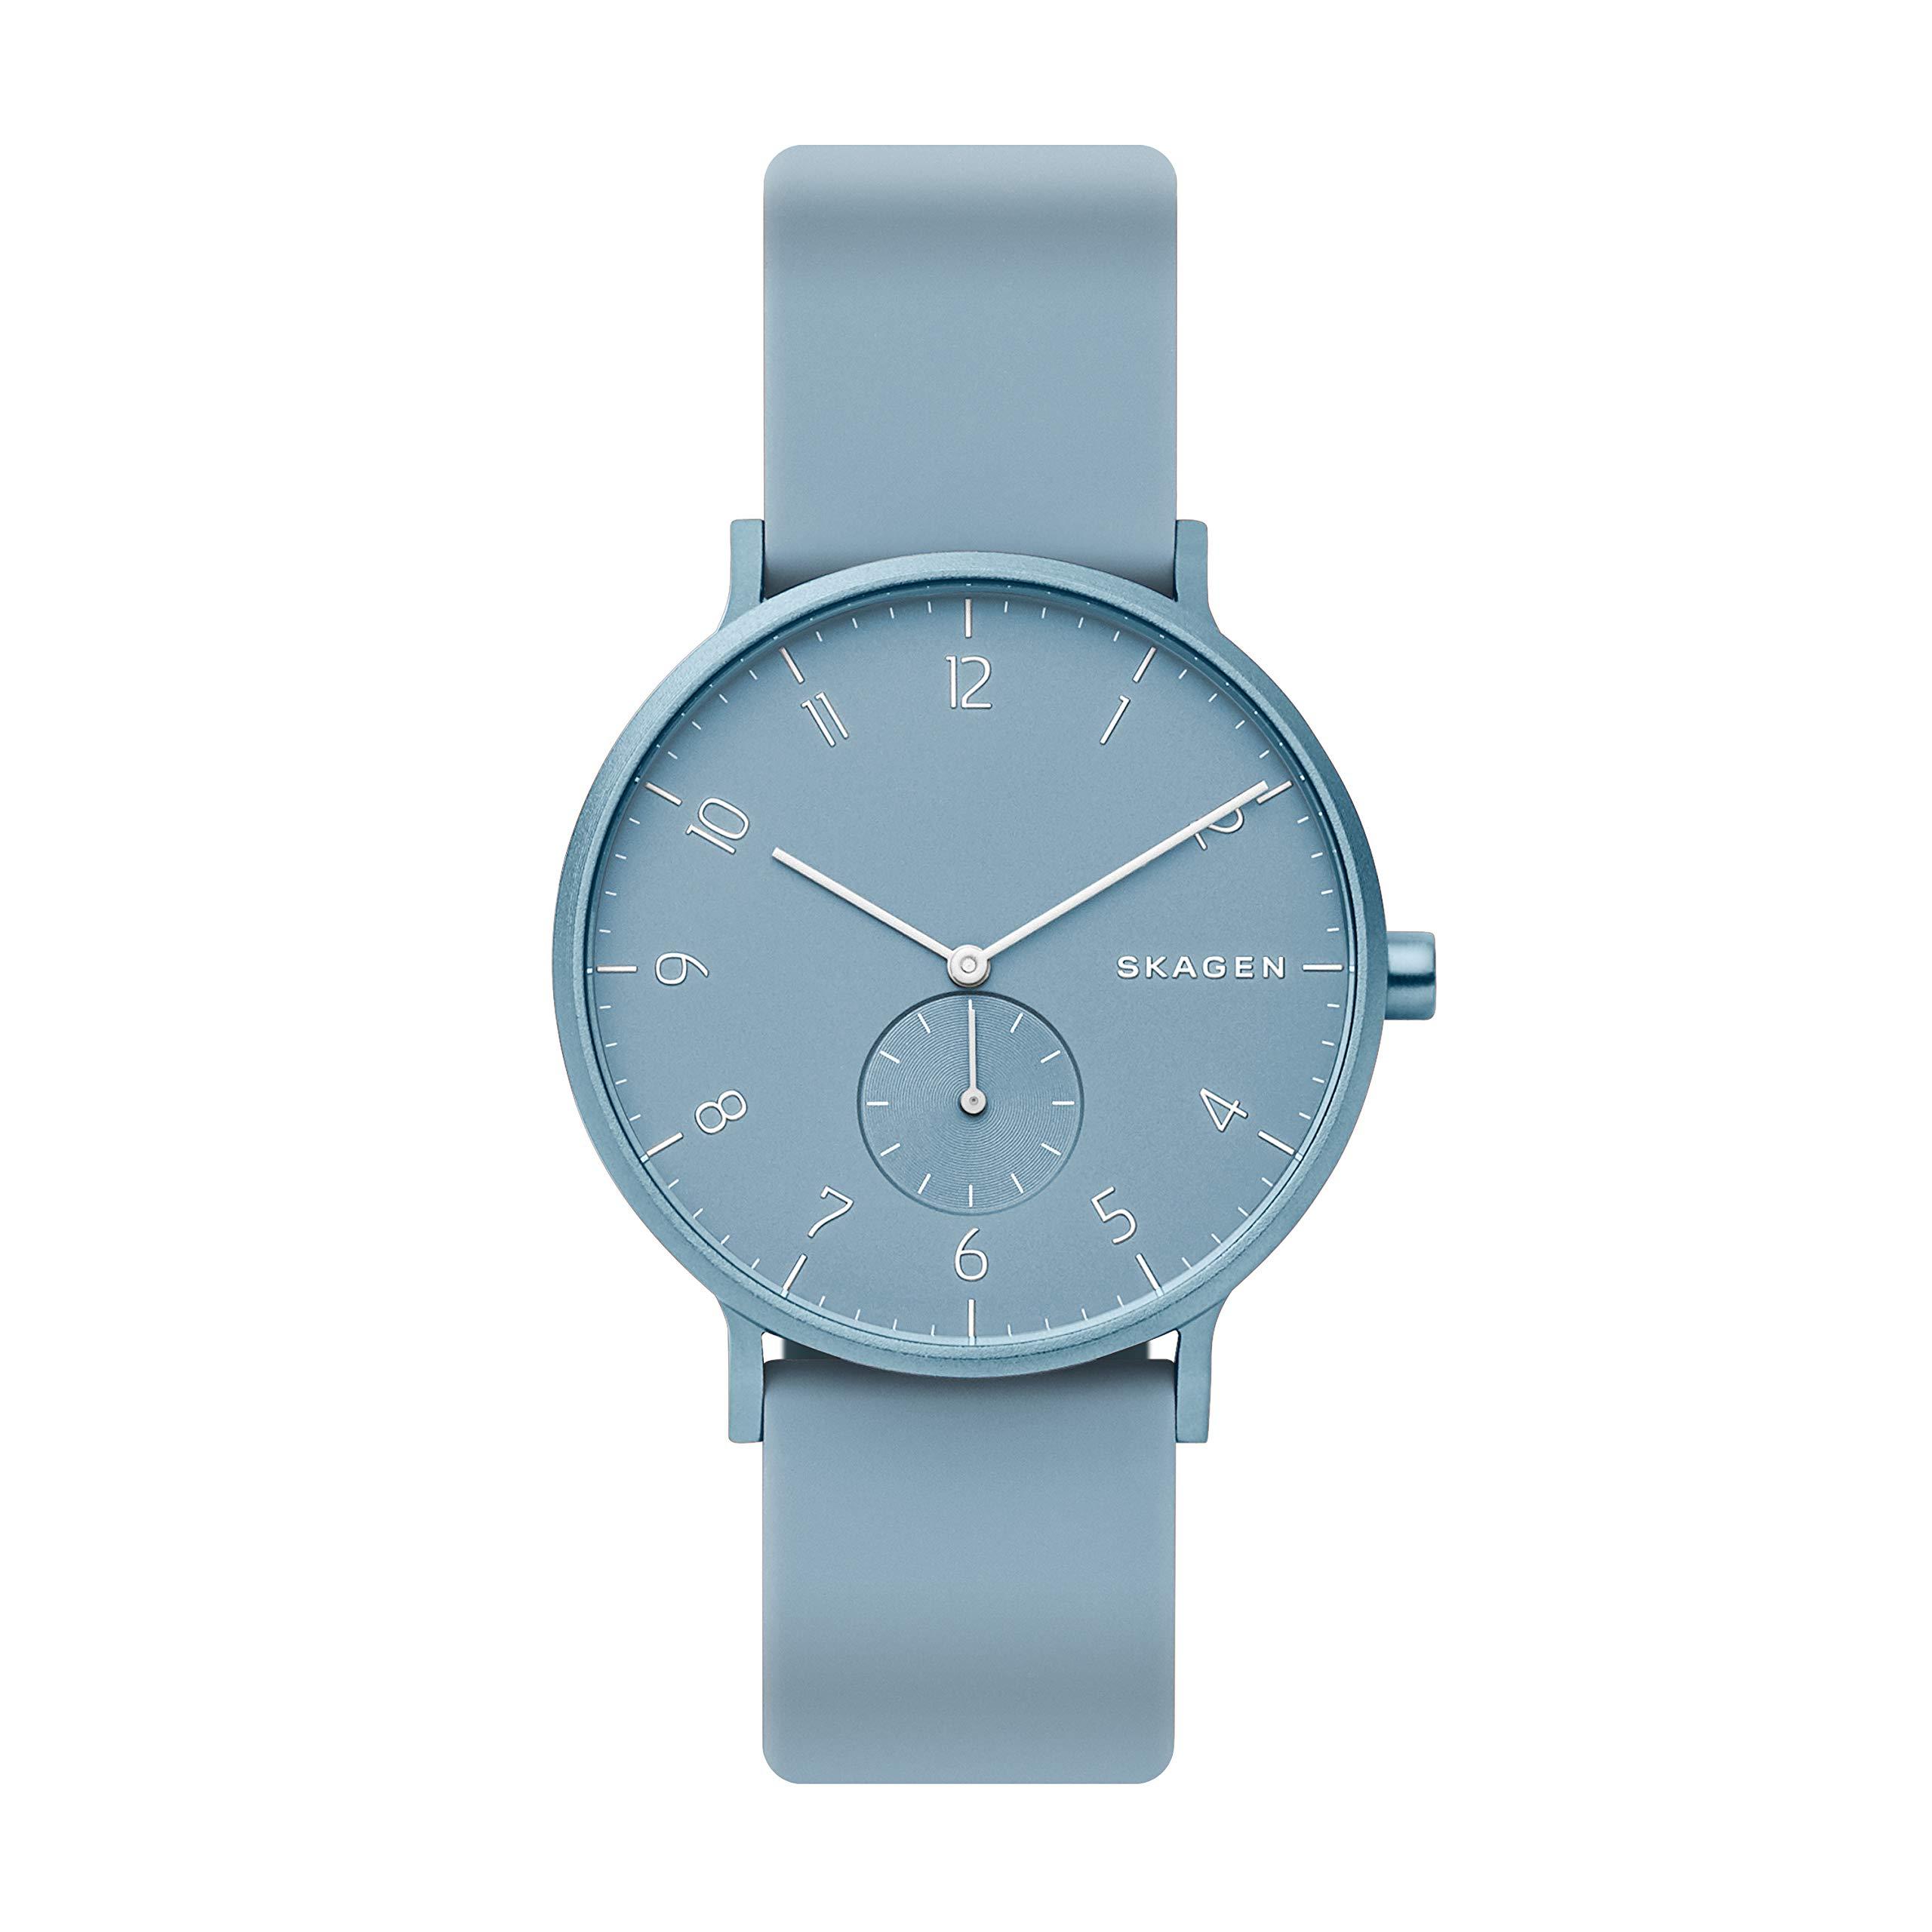 Skagen Women's Analog Quartz Watch Strap Silicone